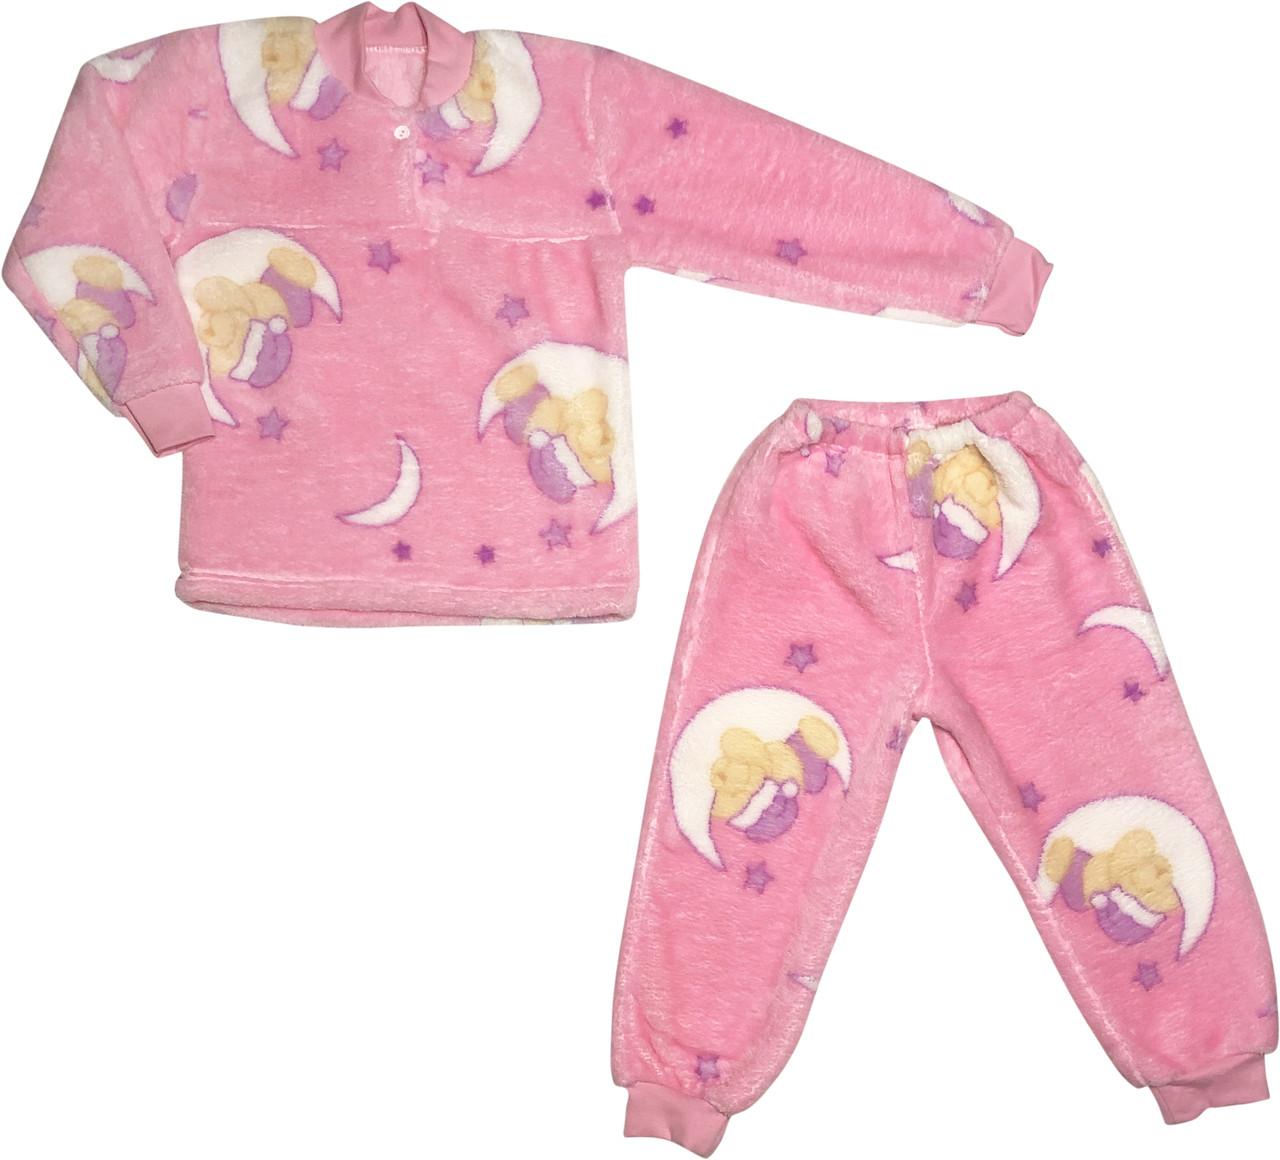 Дитяча тепла піжама ріст 104 3-4 роки махра рожевий на дівчинку для дітей Р-841